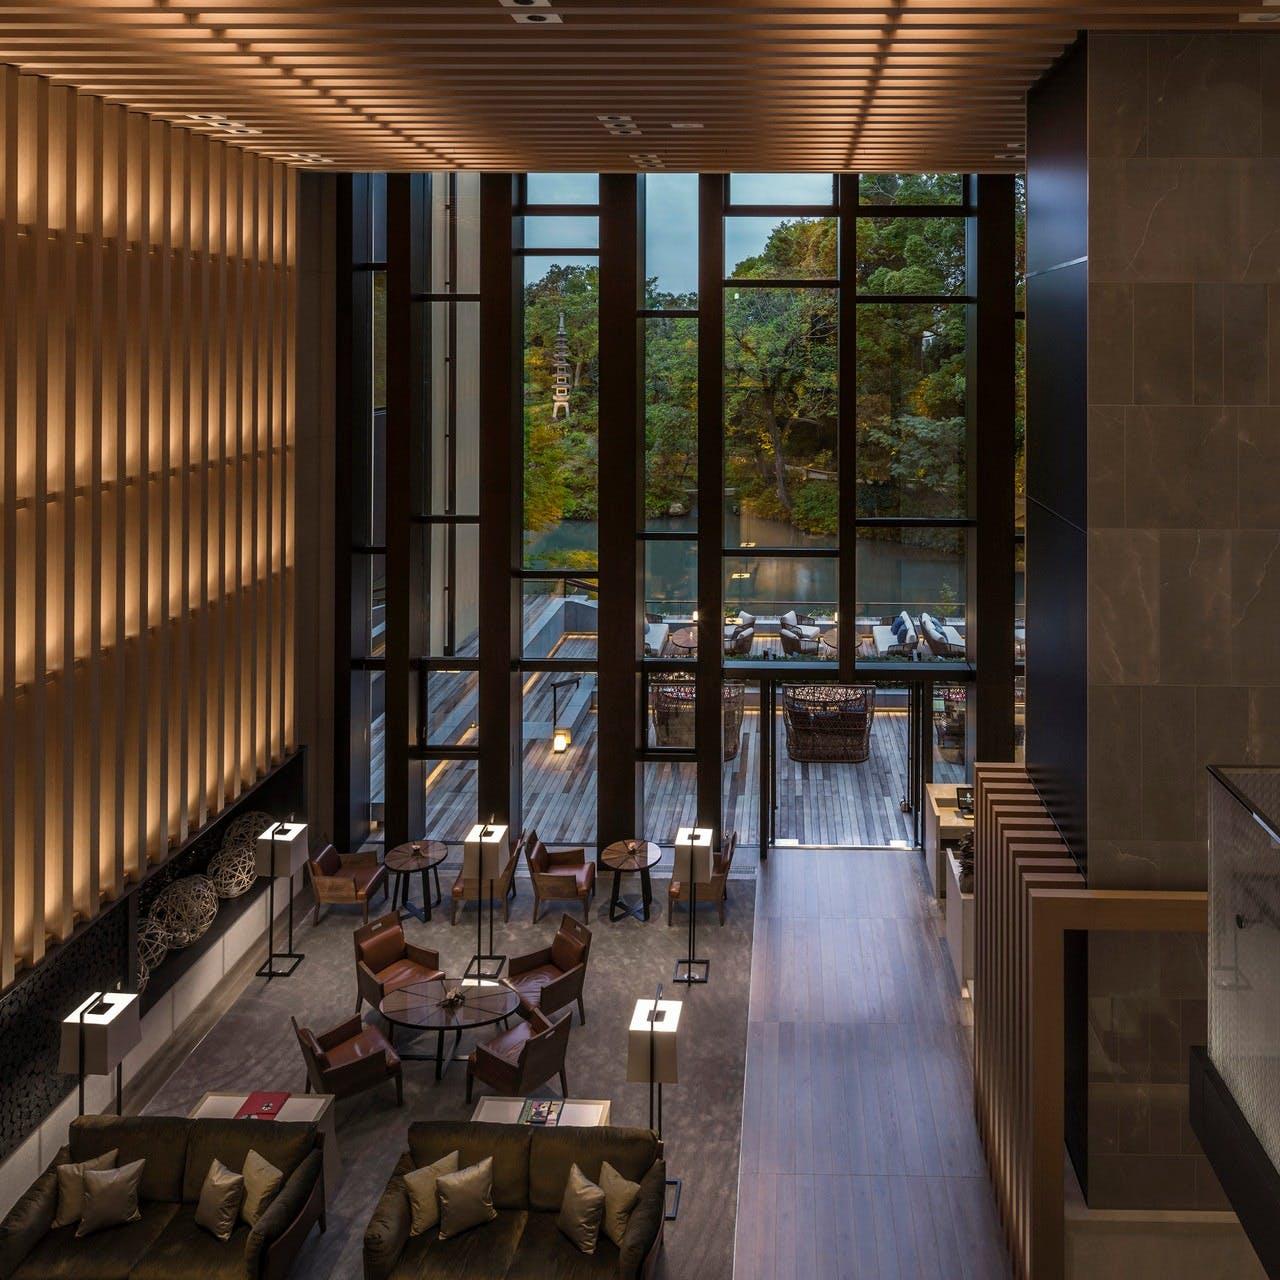 雅やかな京都の美意識とモダンな感性が融和する空間